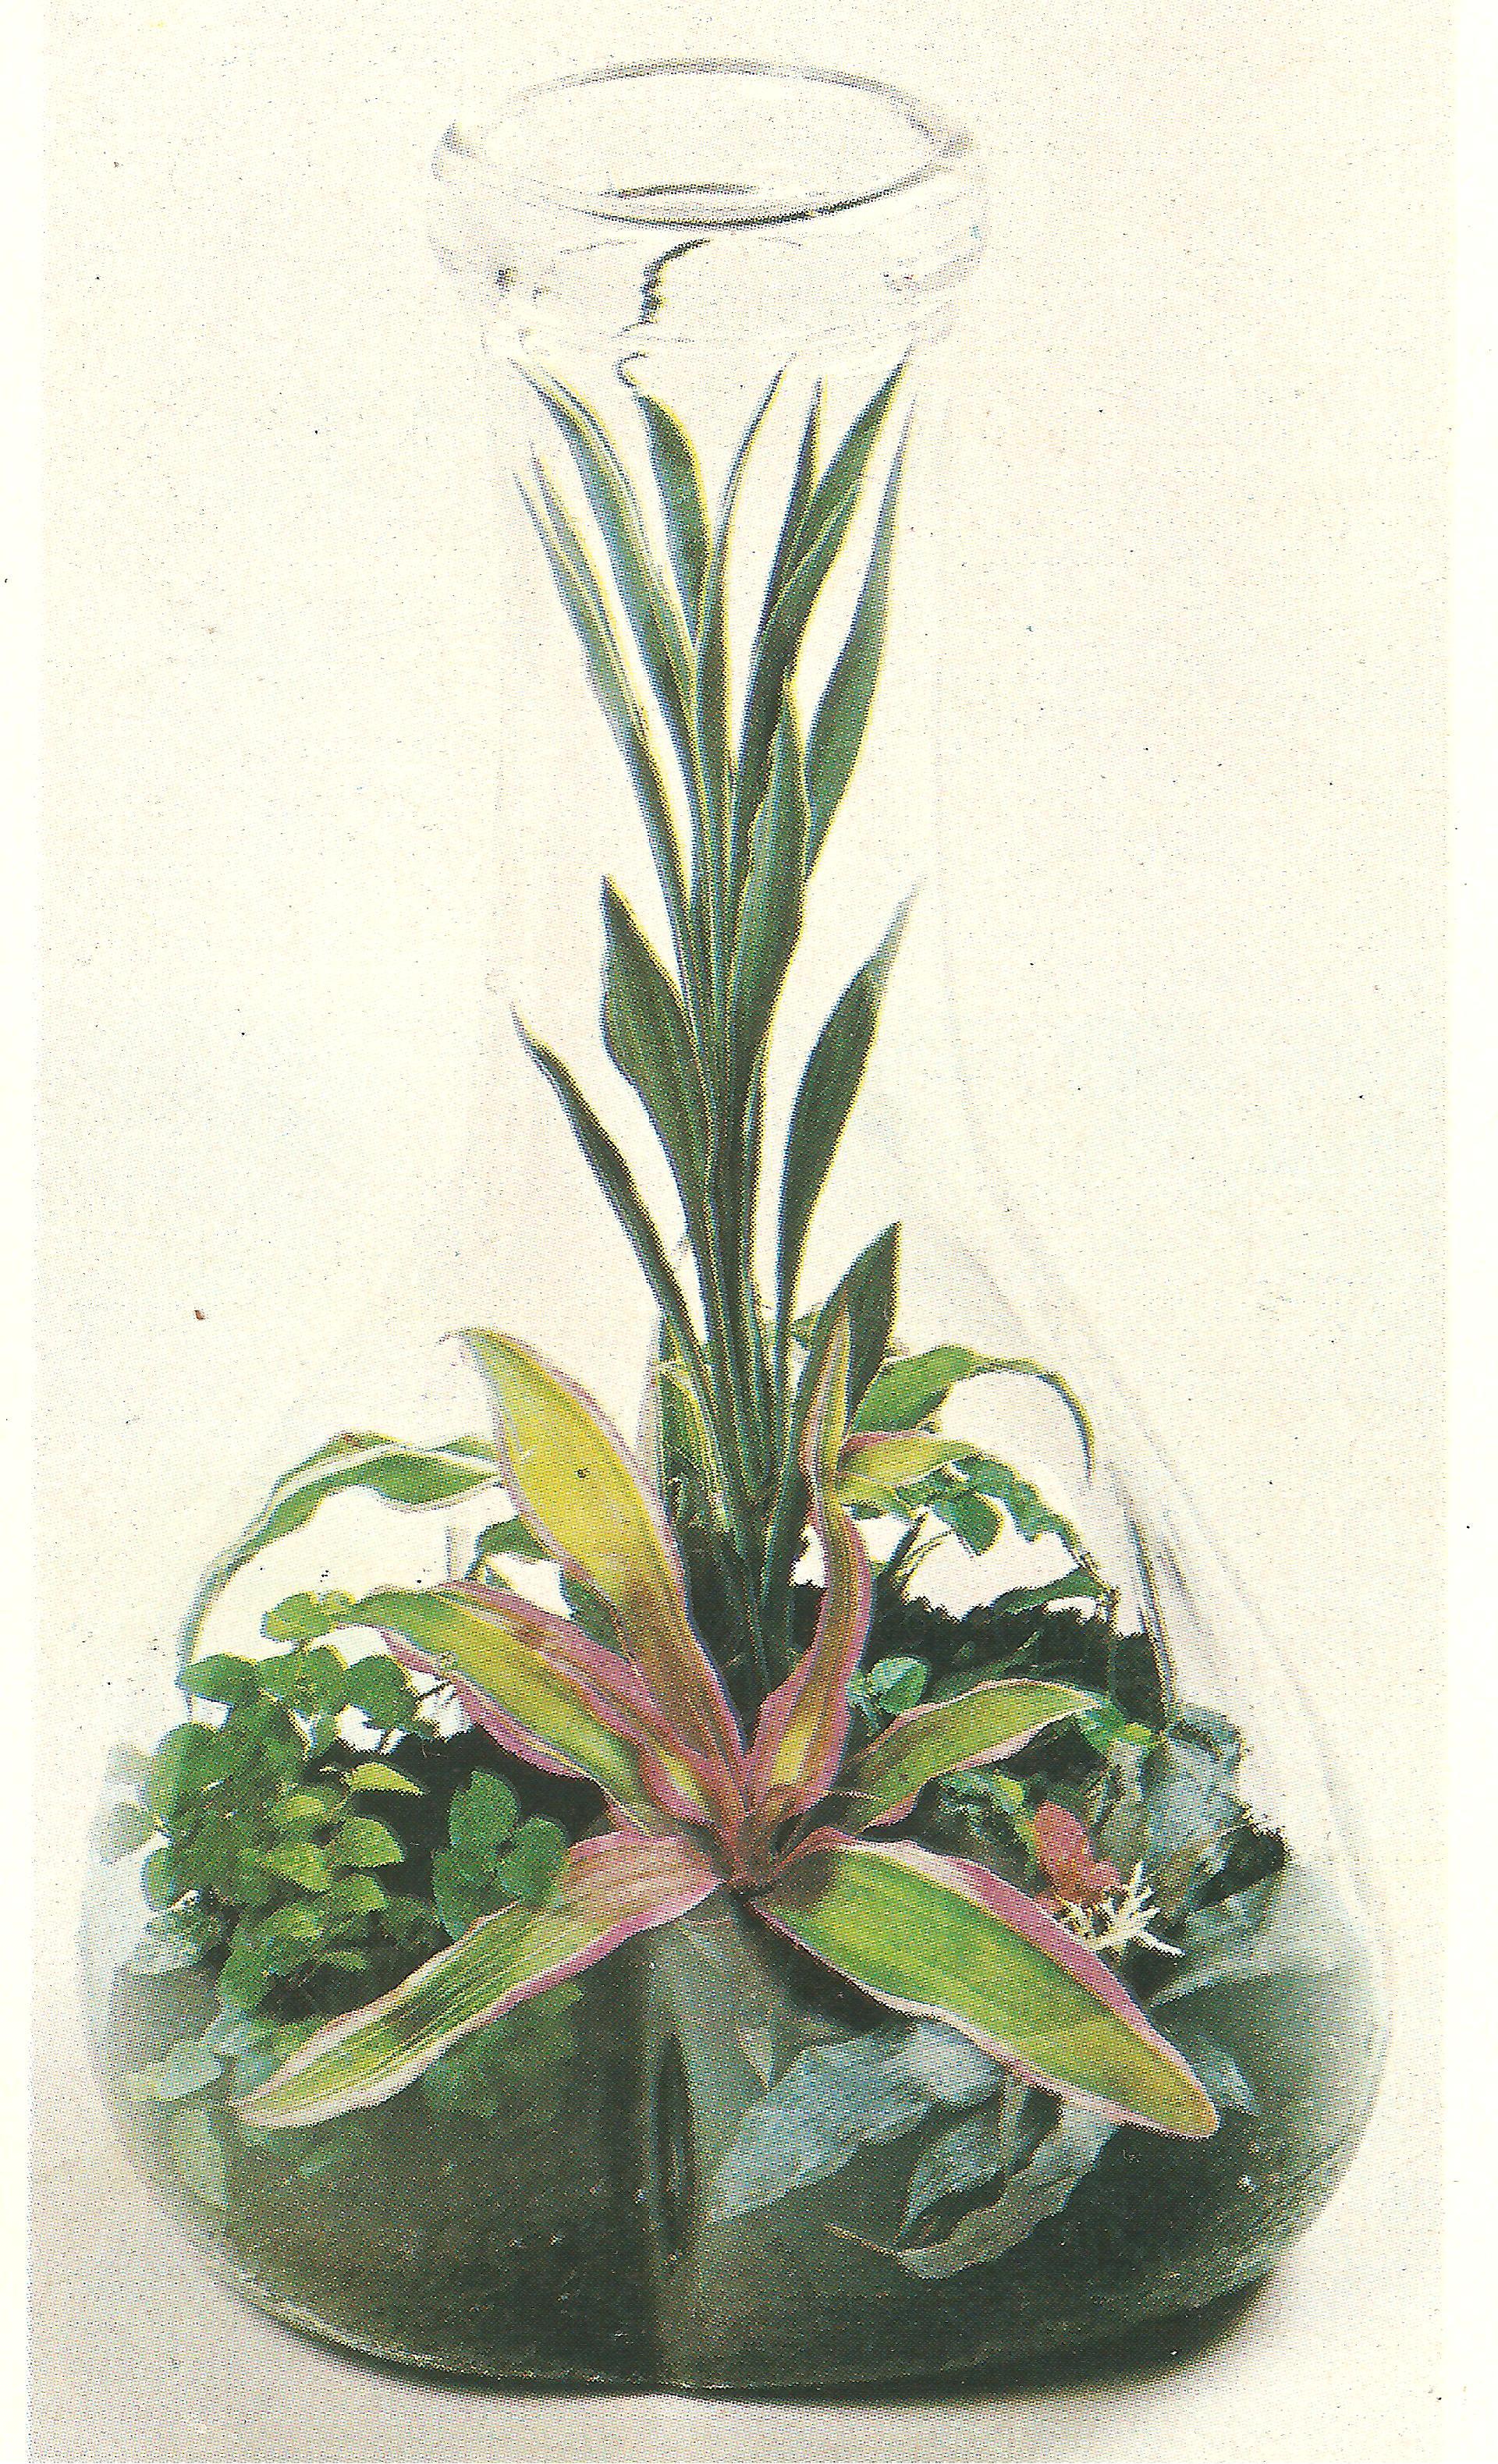 Terrario come coltivare le piante nel vetro